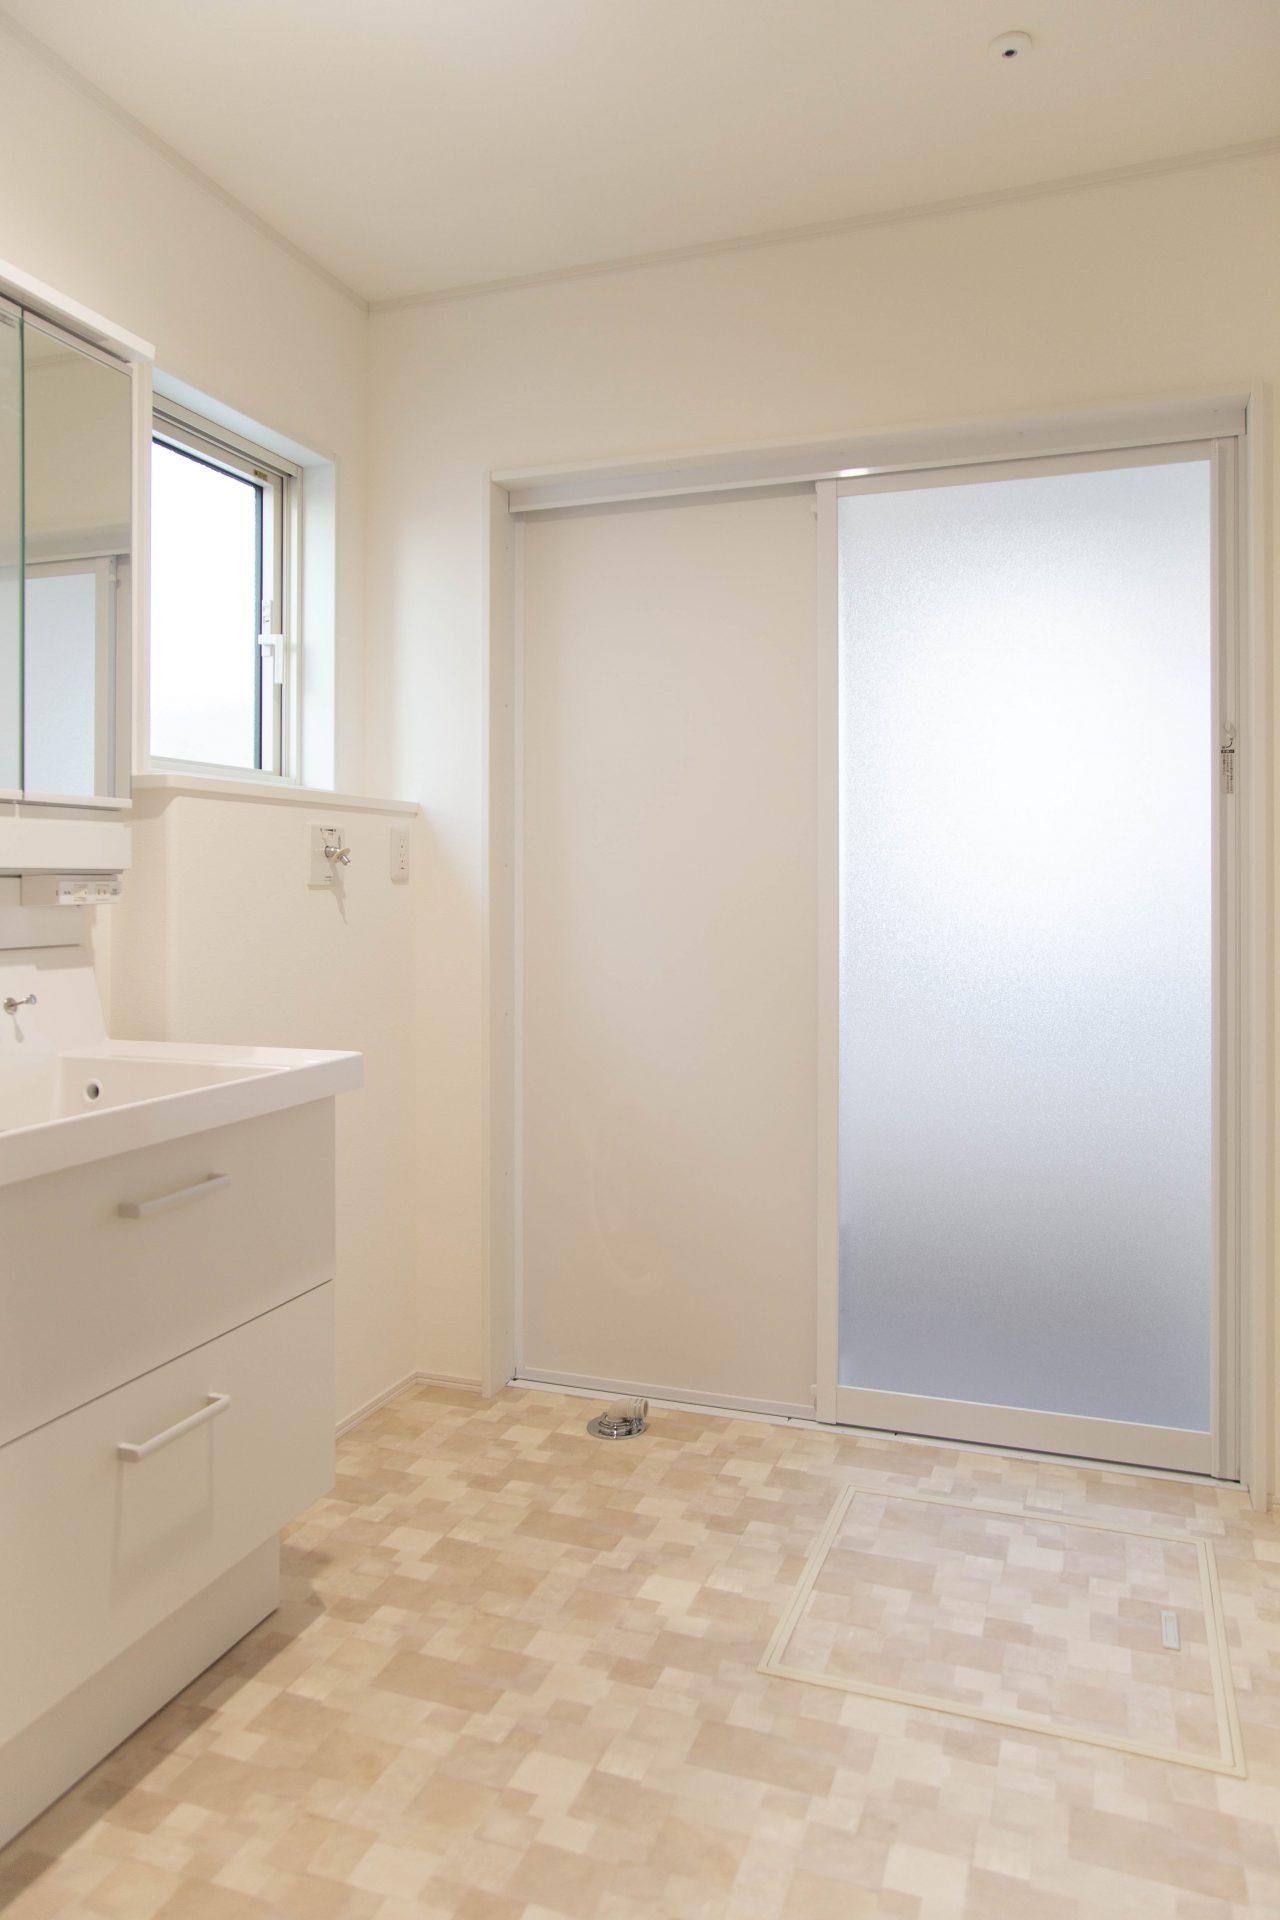 大きな脱衣スペースを作り、生活しやすい空間となりました